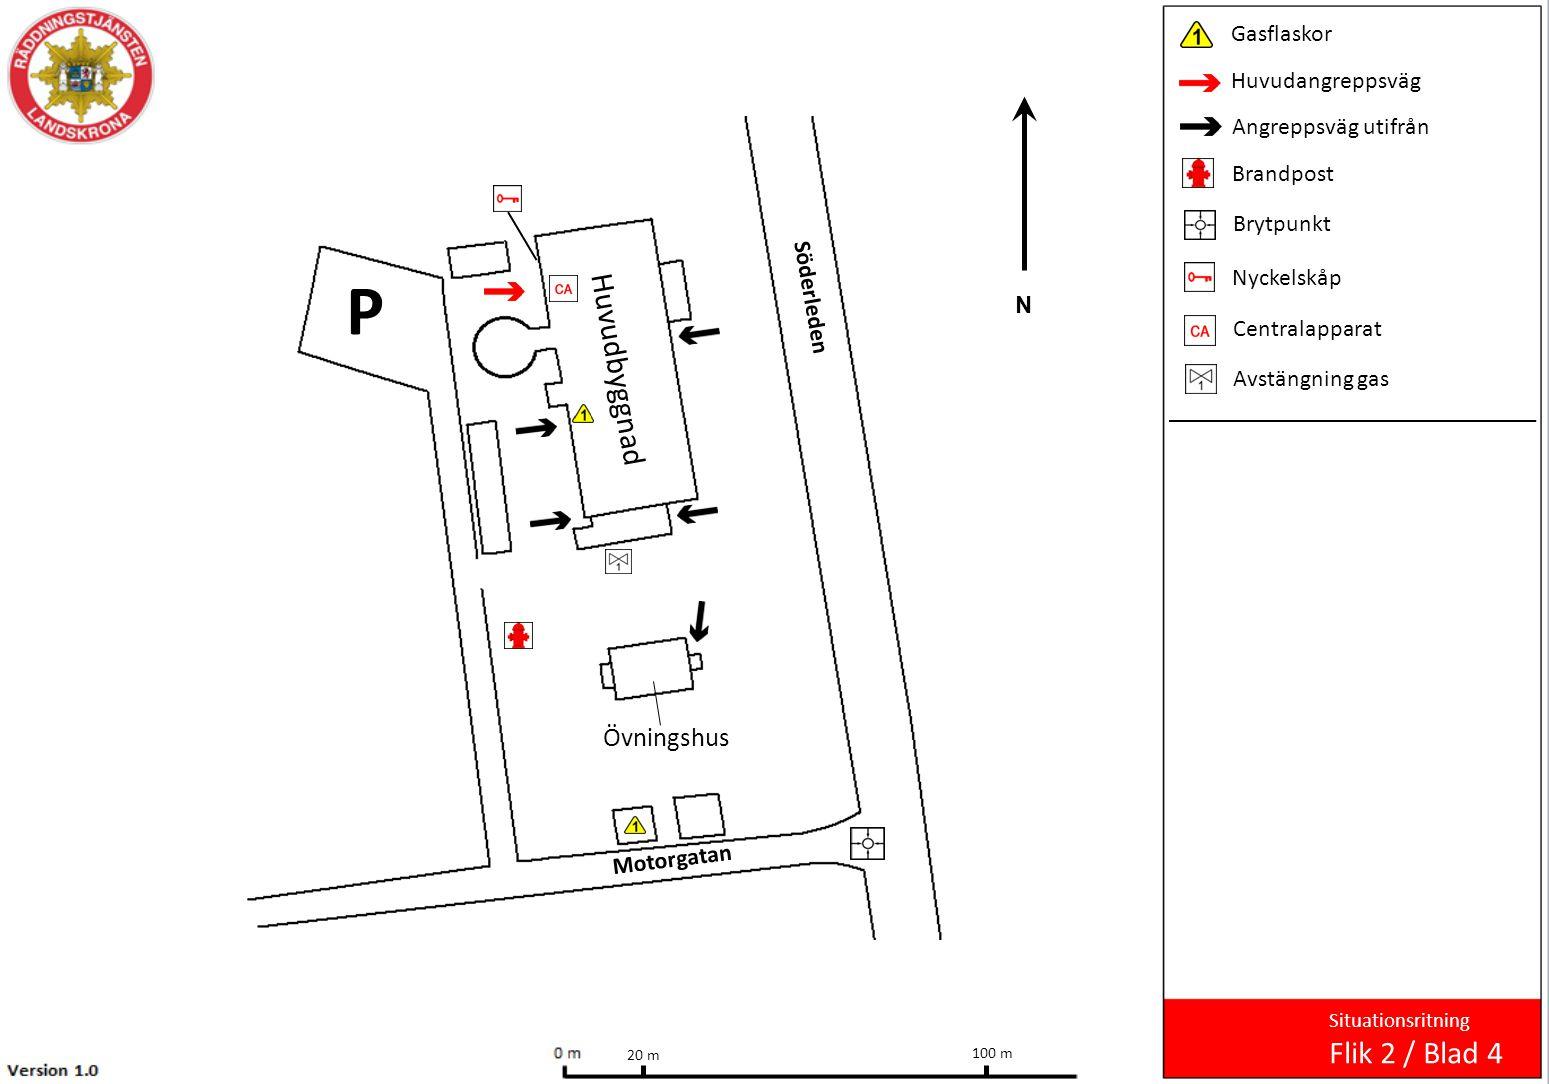 Söderleden Motorgatan 100 m 20 m Huvudbyggnad Övningshus P Gasflaskor Huvudangreppsväg Angreppsväg utifrån Brandpost Brytpunkt Nyckelskåp Centralappar